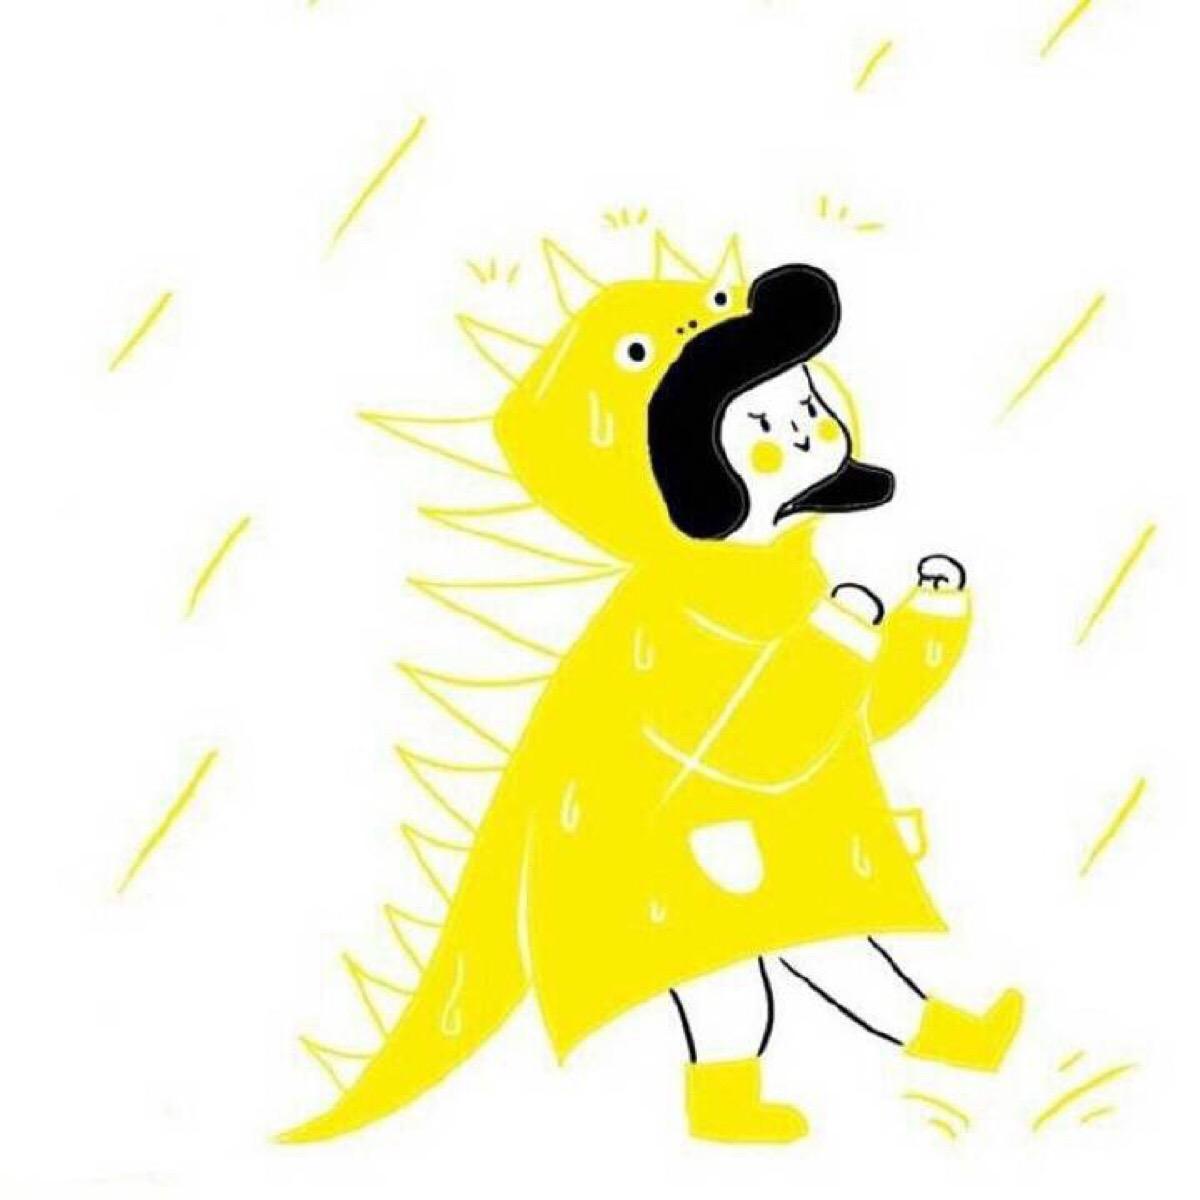 黄色手绘风格高清情侣头像 第7张